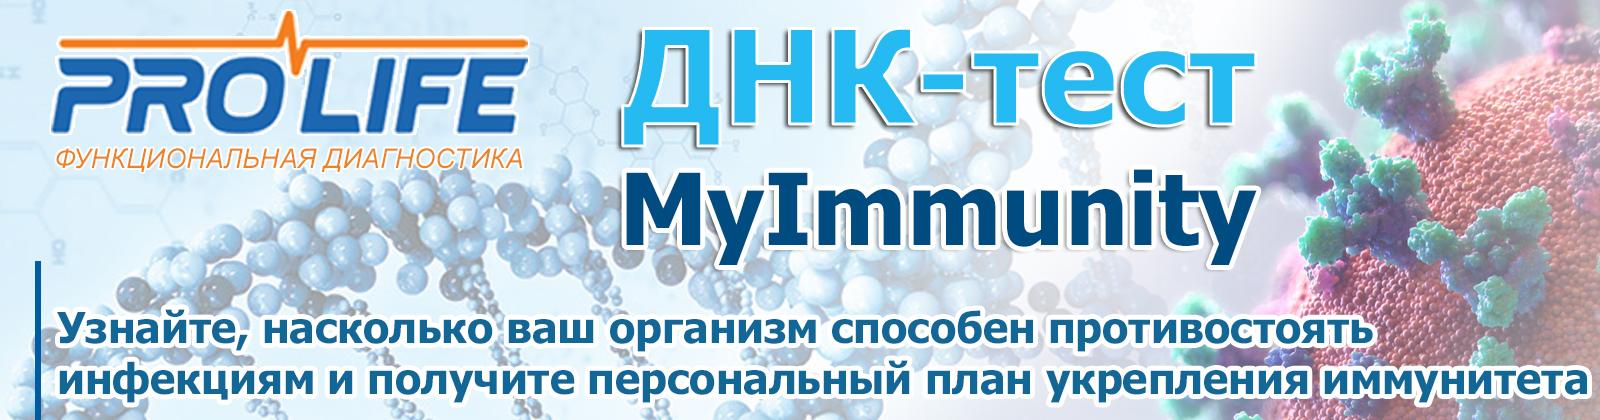 Риск Сovid-19 (Иммунитет)